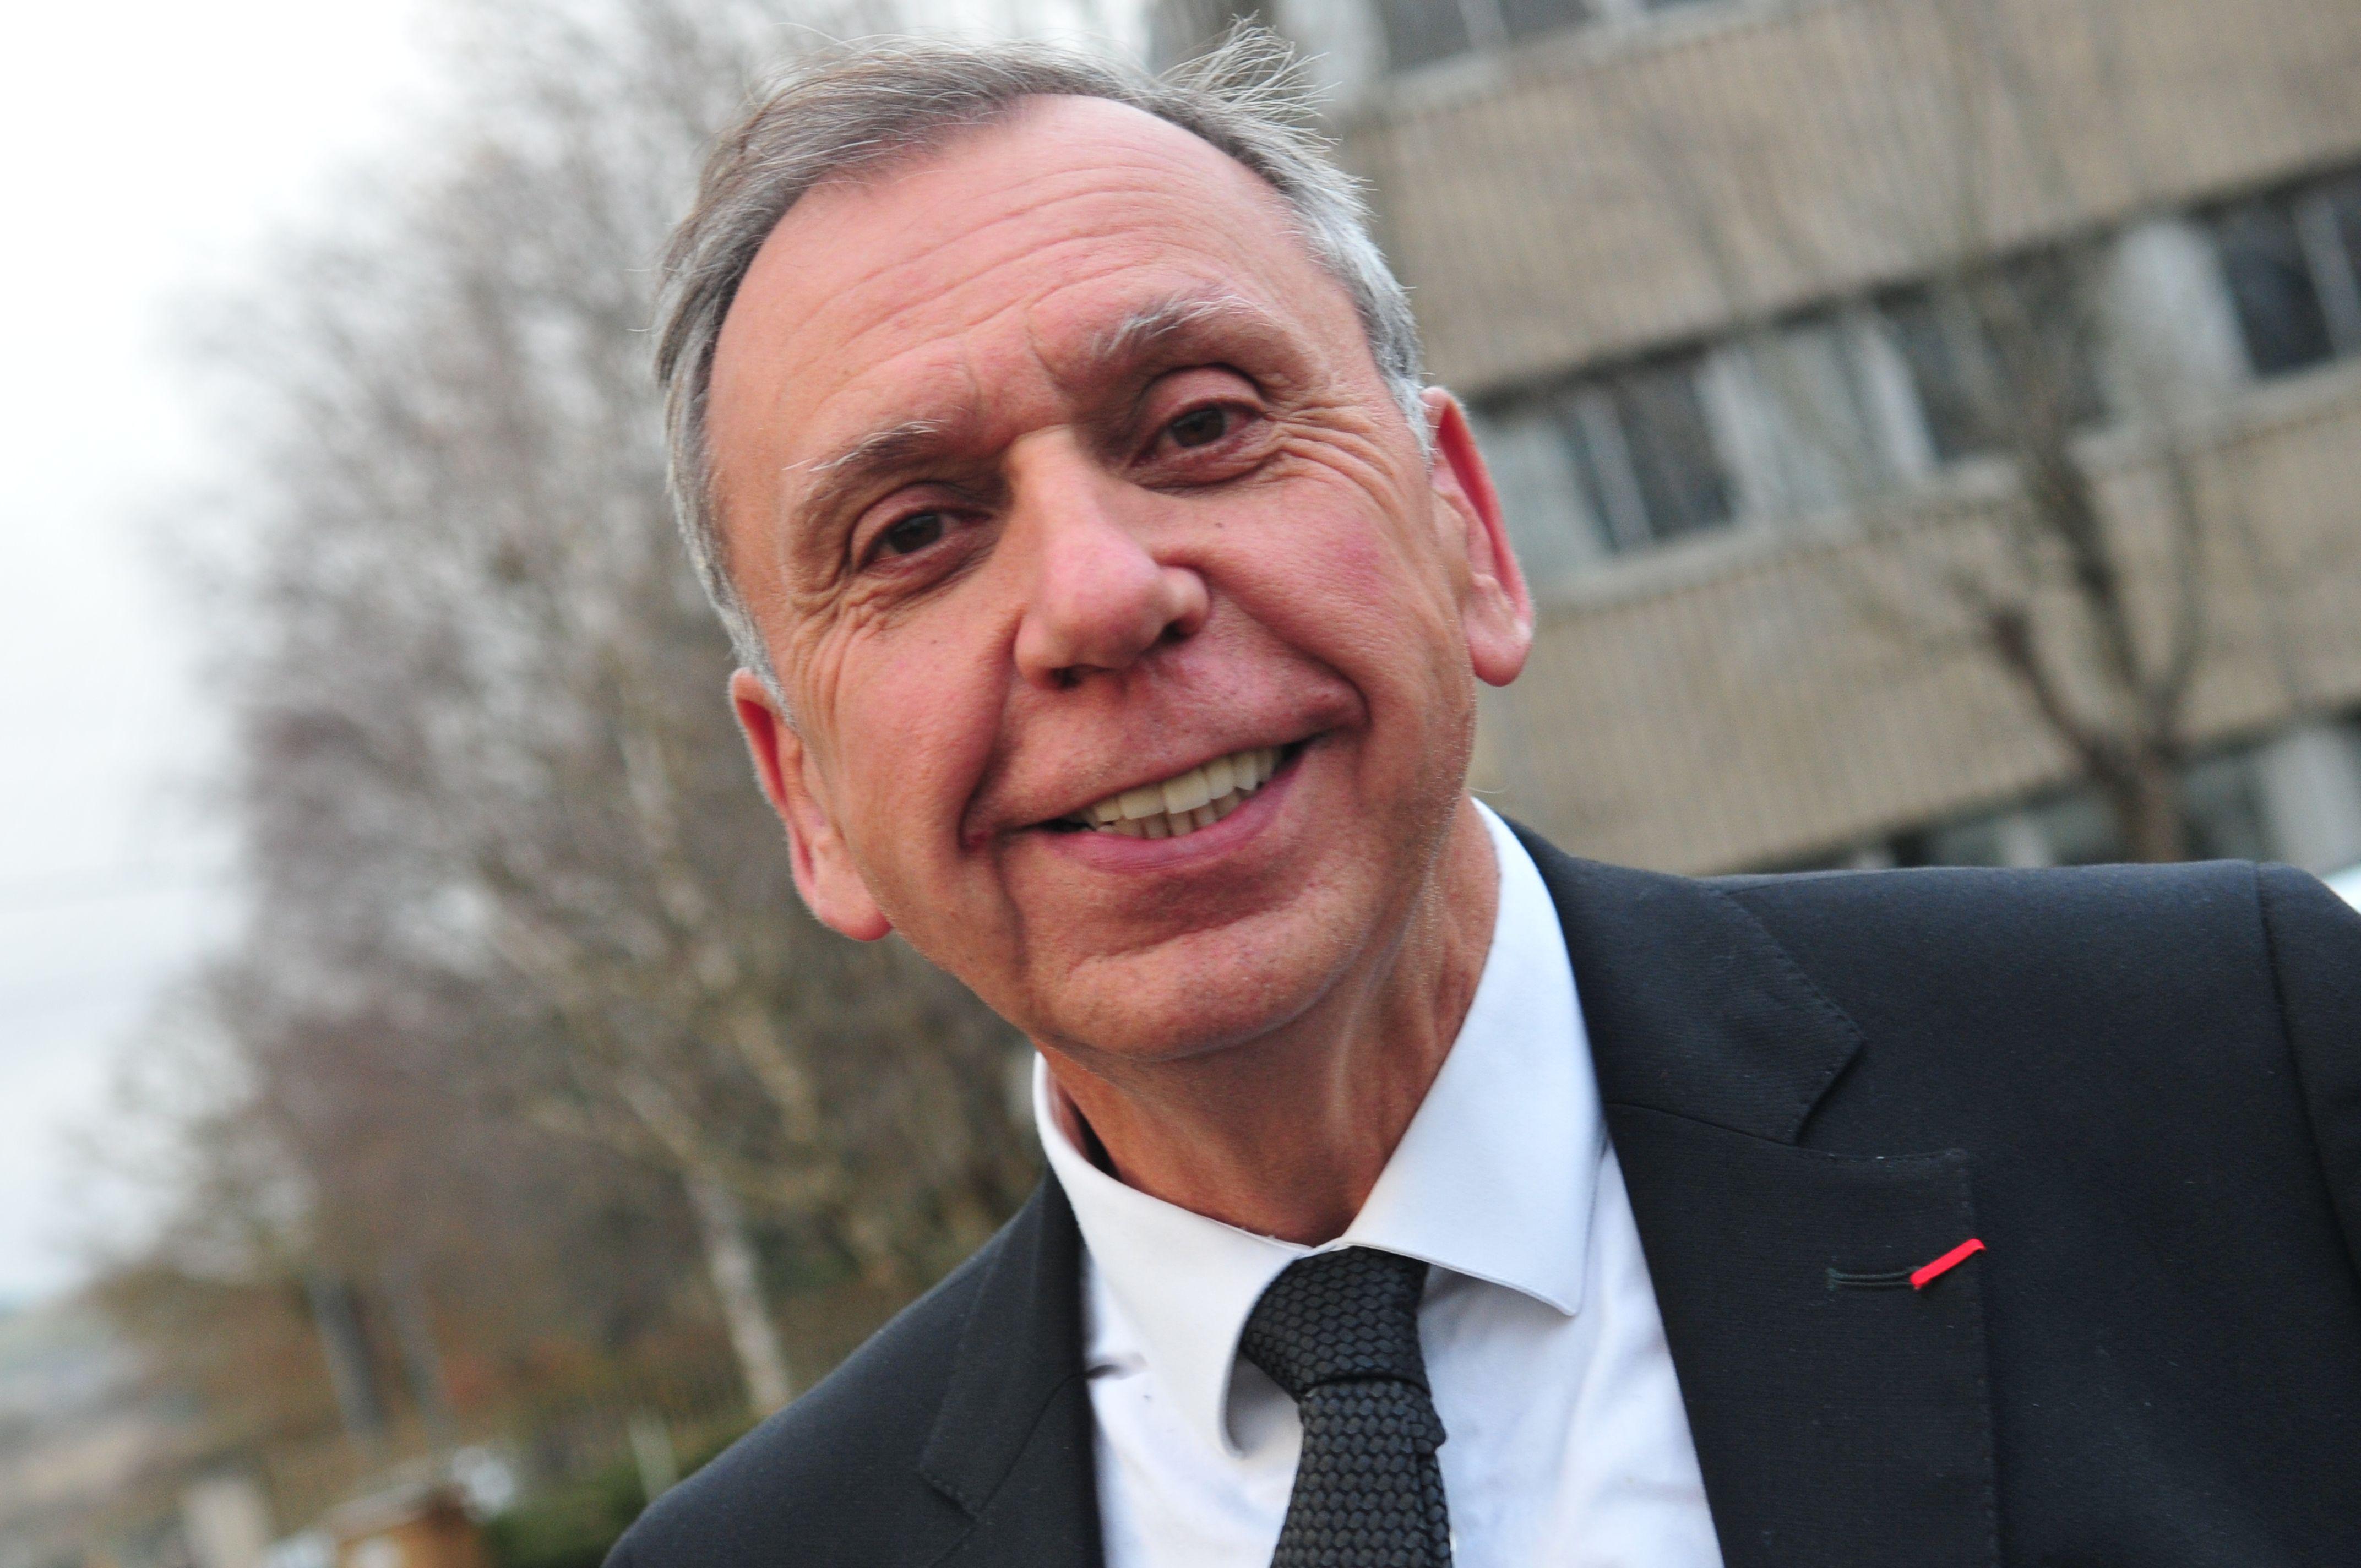 Jean-Claude Luche, sénateur de l'aveyron, répond à notre questionnaire décalé